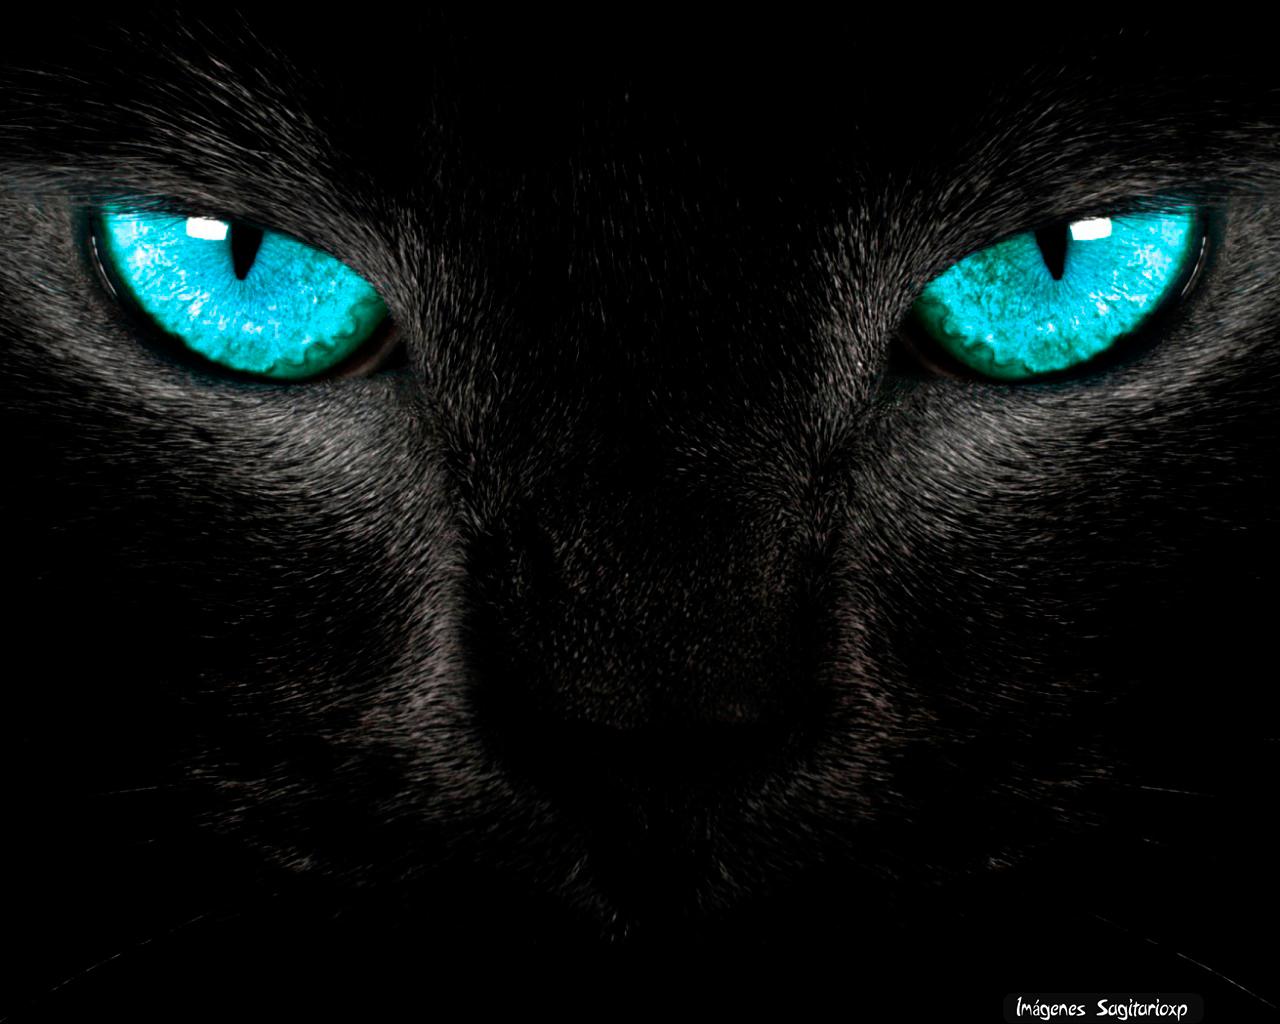 Gato De Ojos Azules Wallpaper Imágenes Para Compartir Sagitarioxp